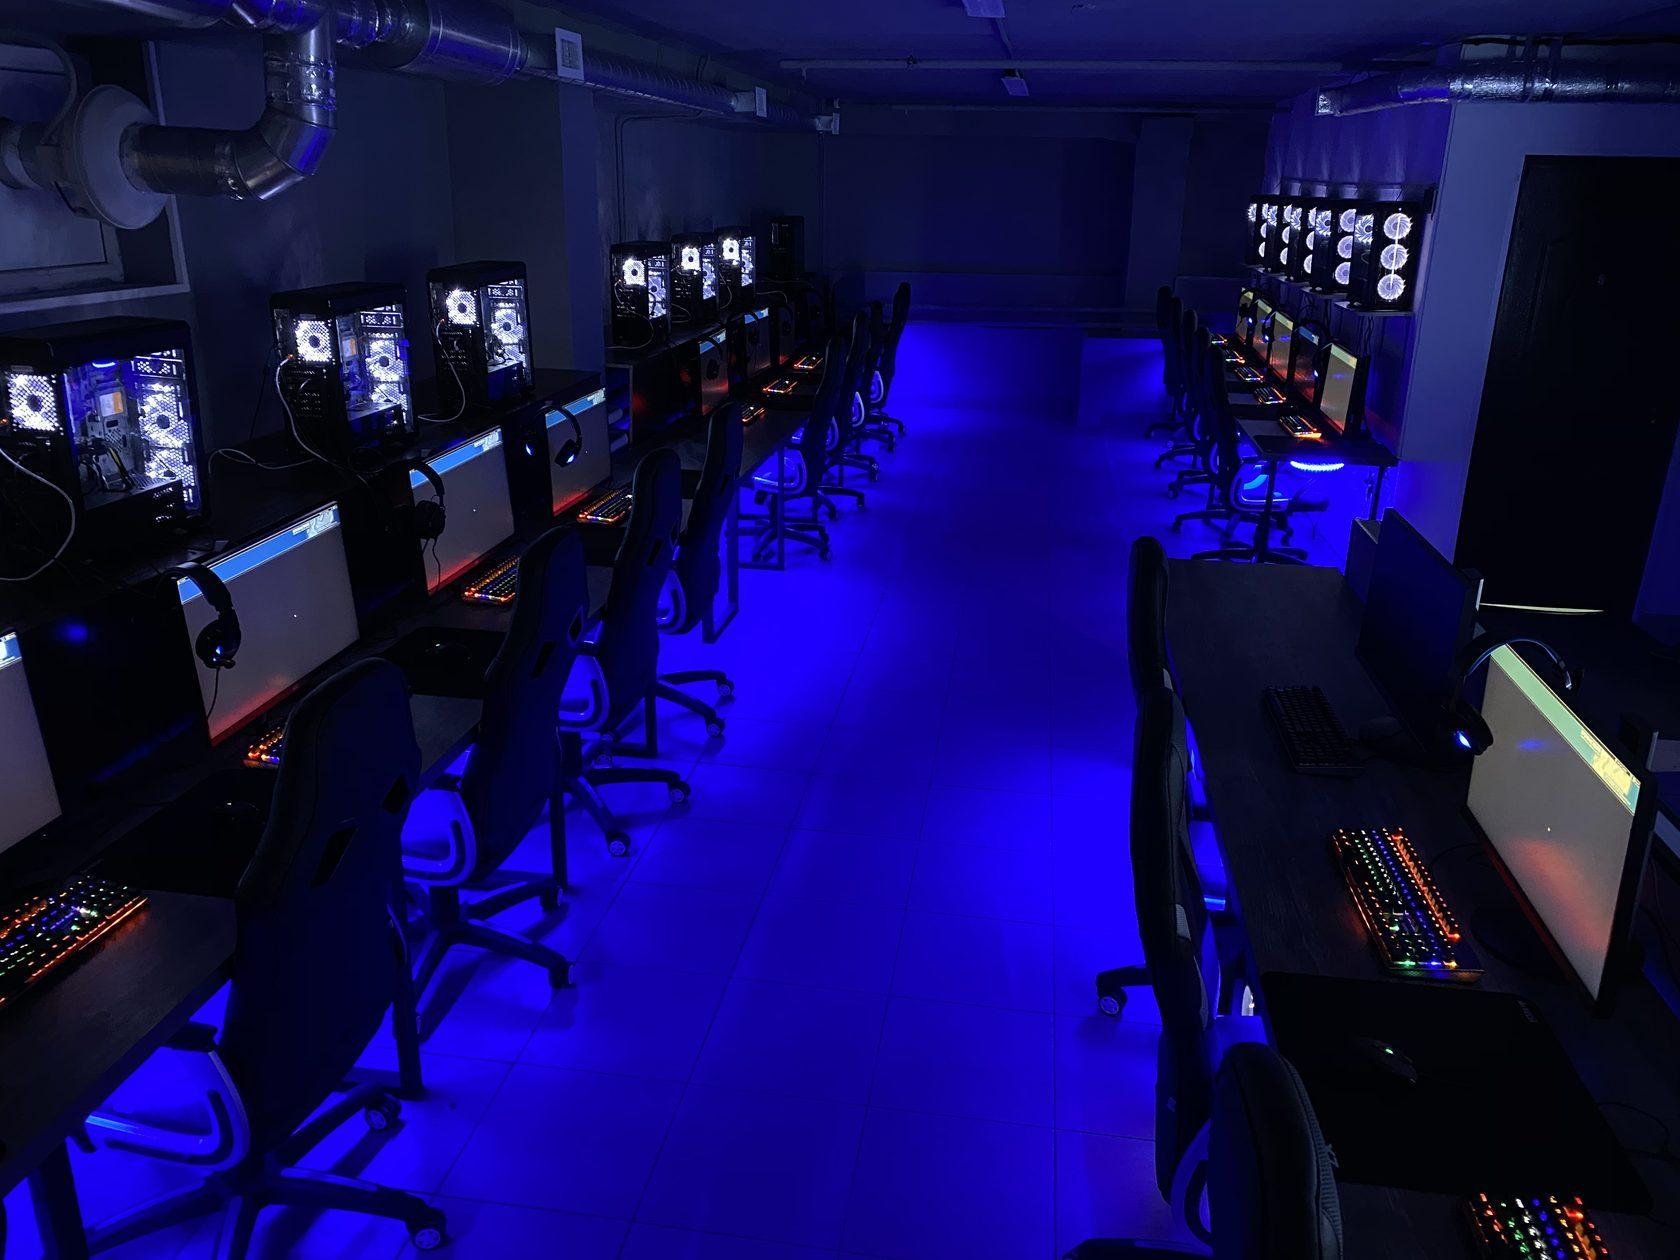 Компьютерном игры стоимость клубе в часа москве скупка магазины часов антикварные в